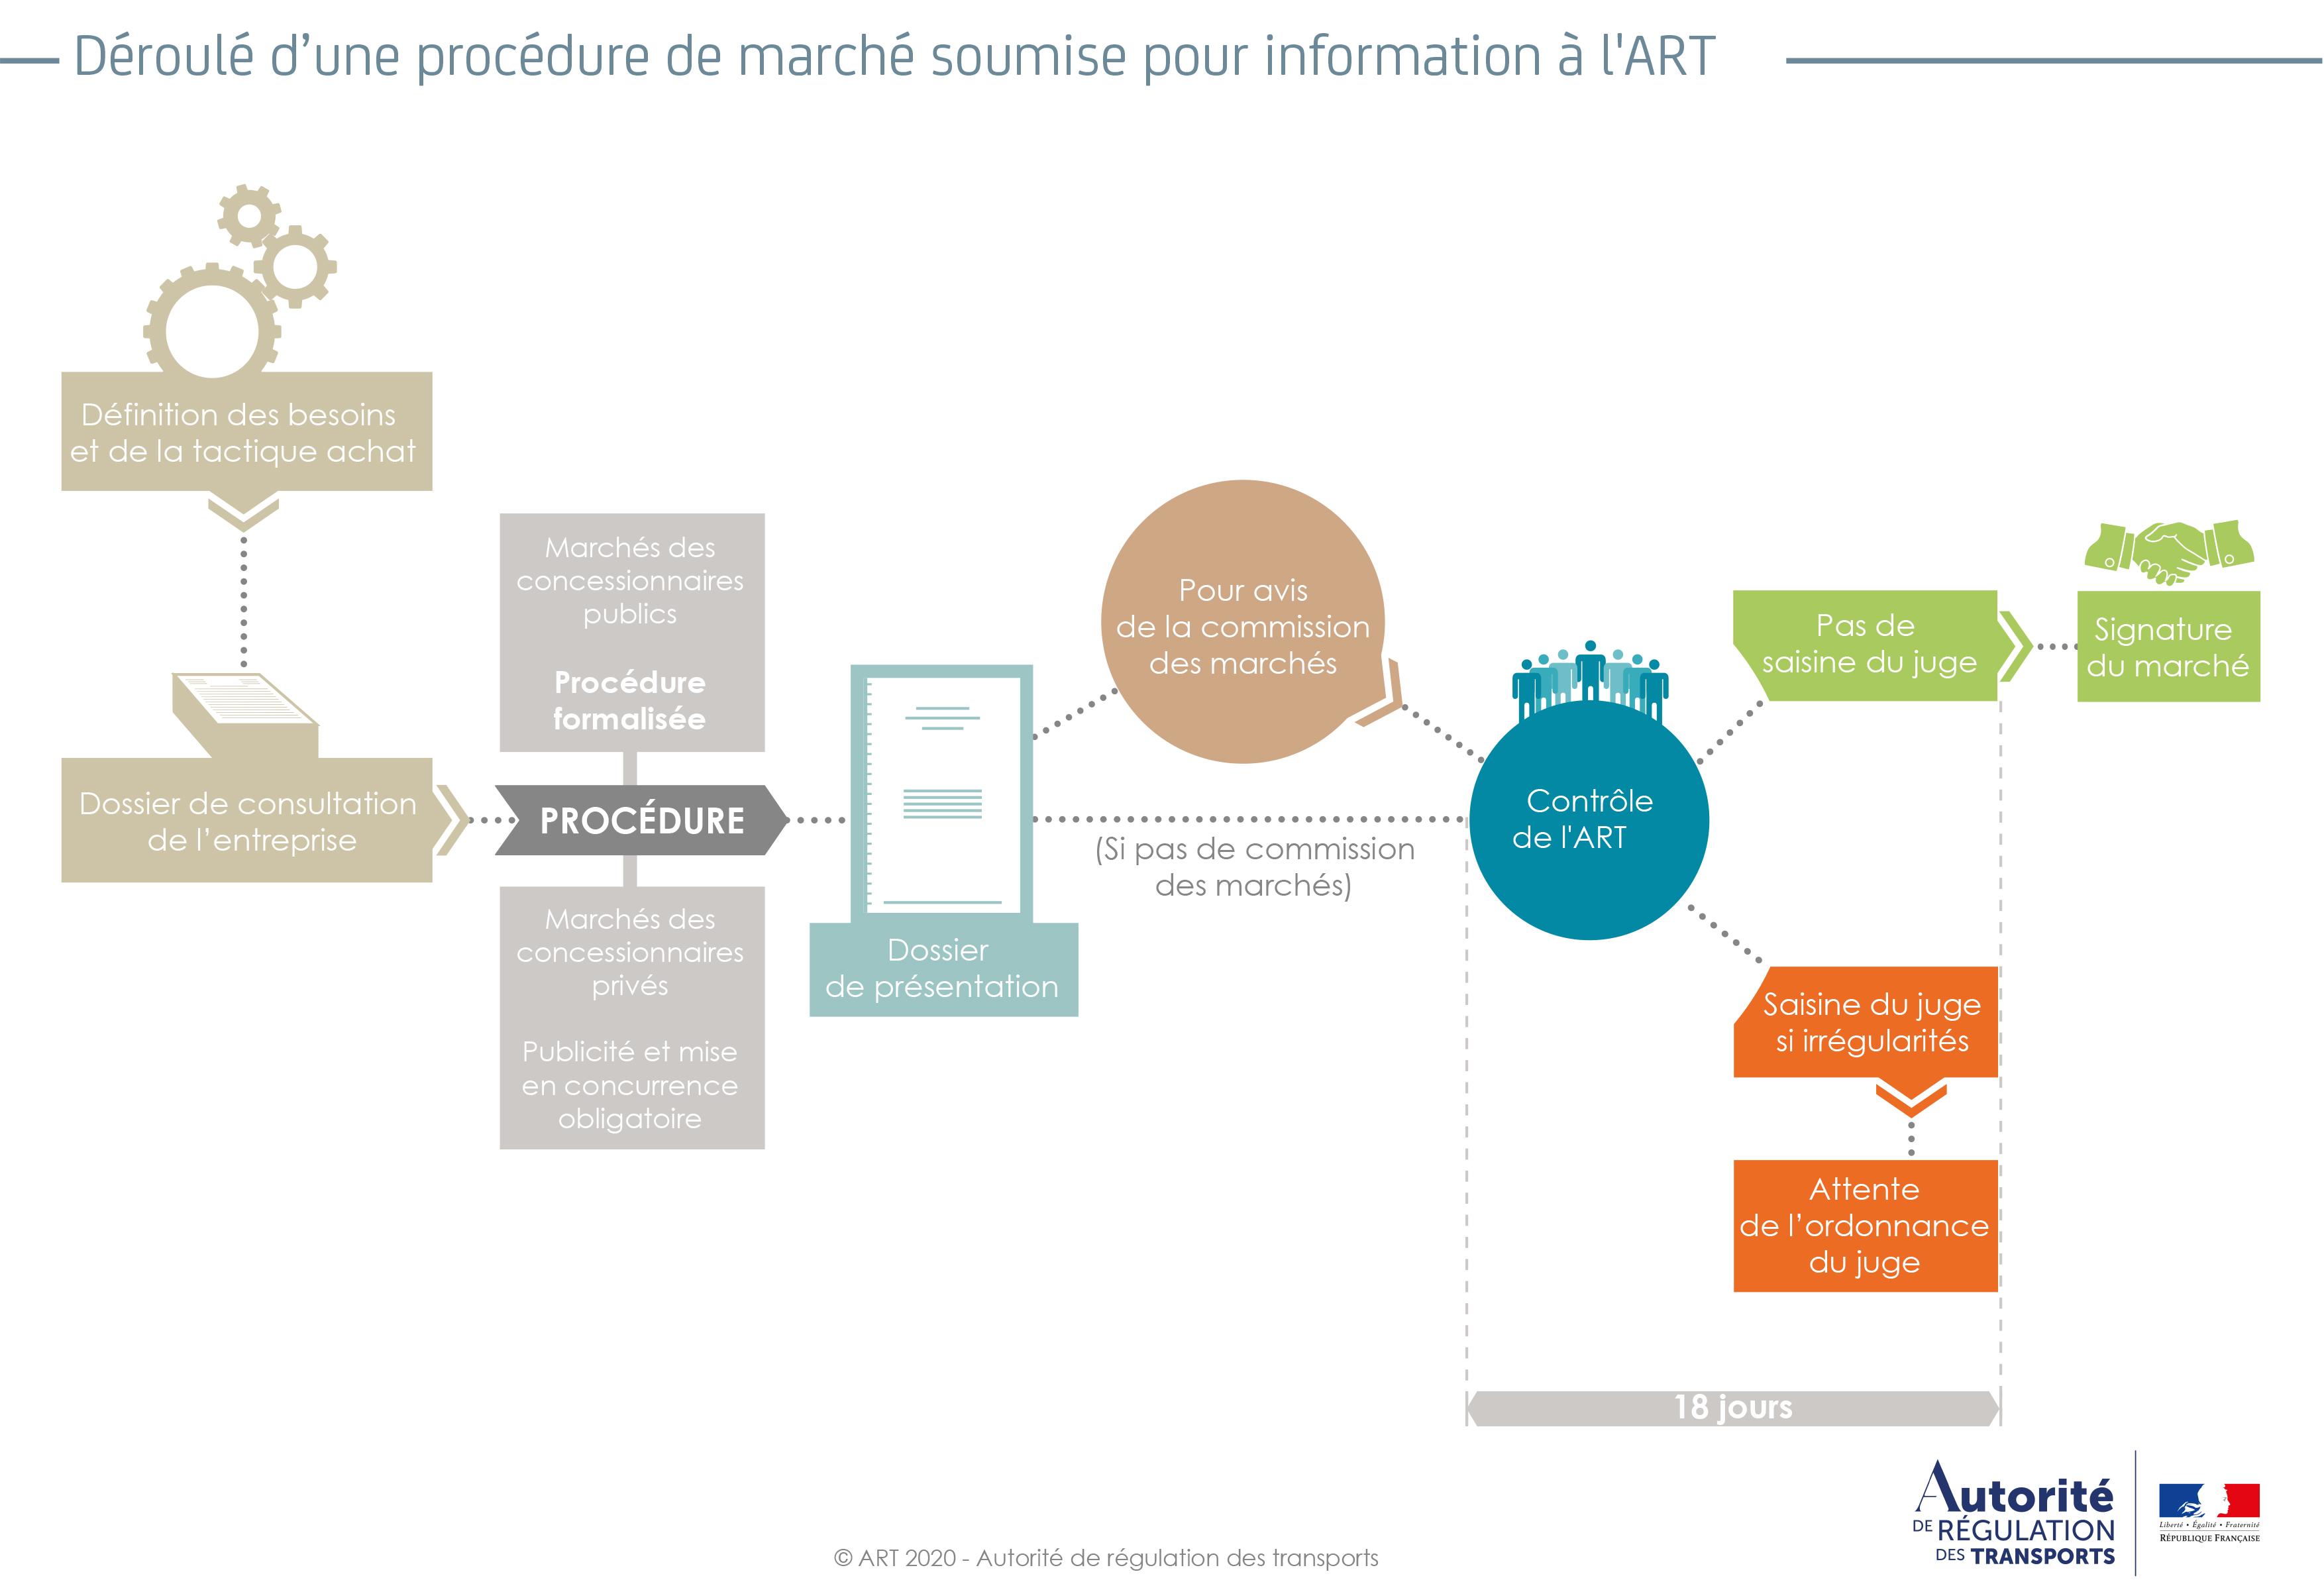 Procedure information arafer